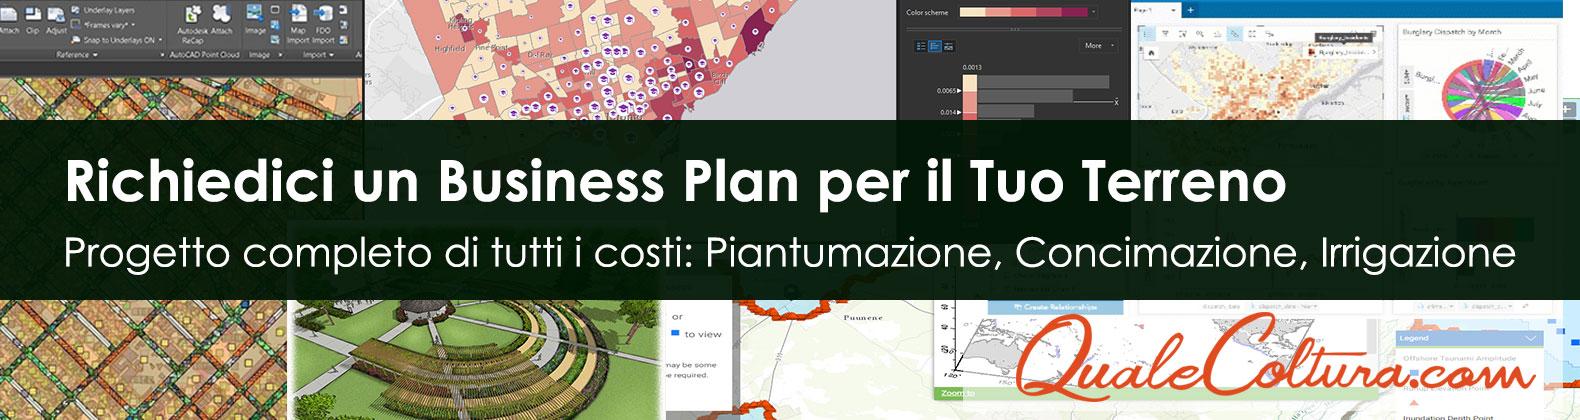 Business Plan coltivazione Bambù Gigante Moso Madake costi e ricavi irrigazione concimazione gestione raccolta filiera